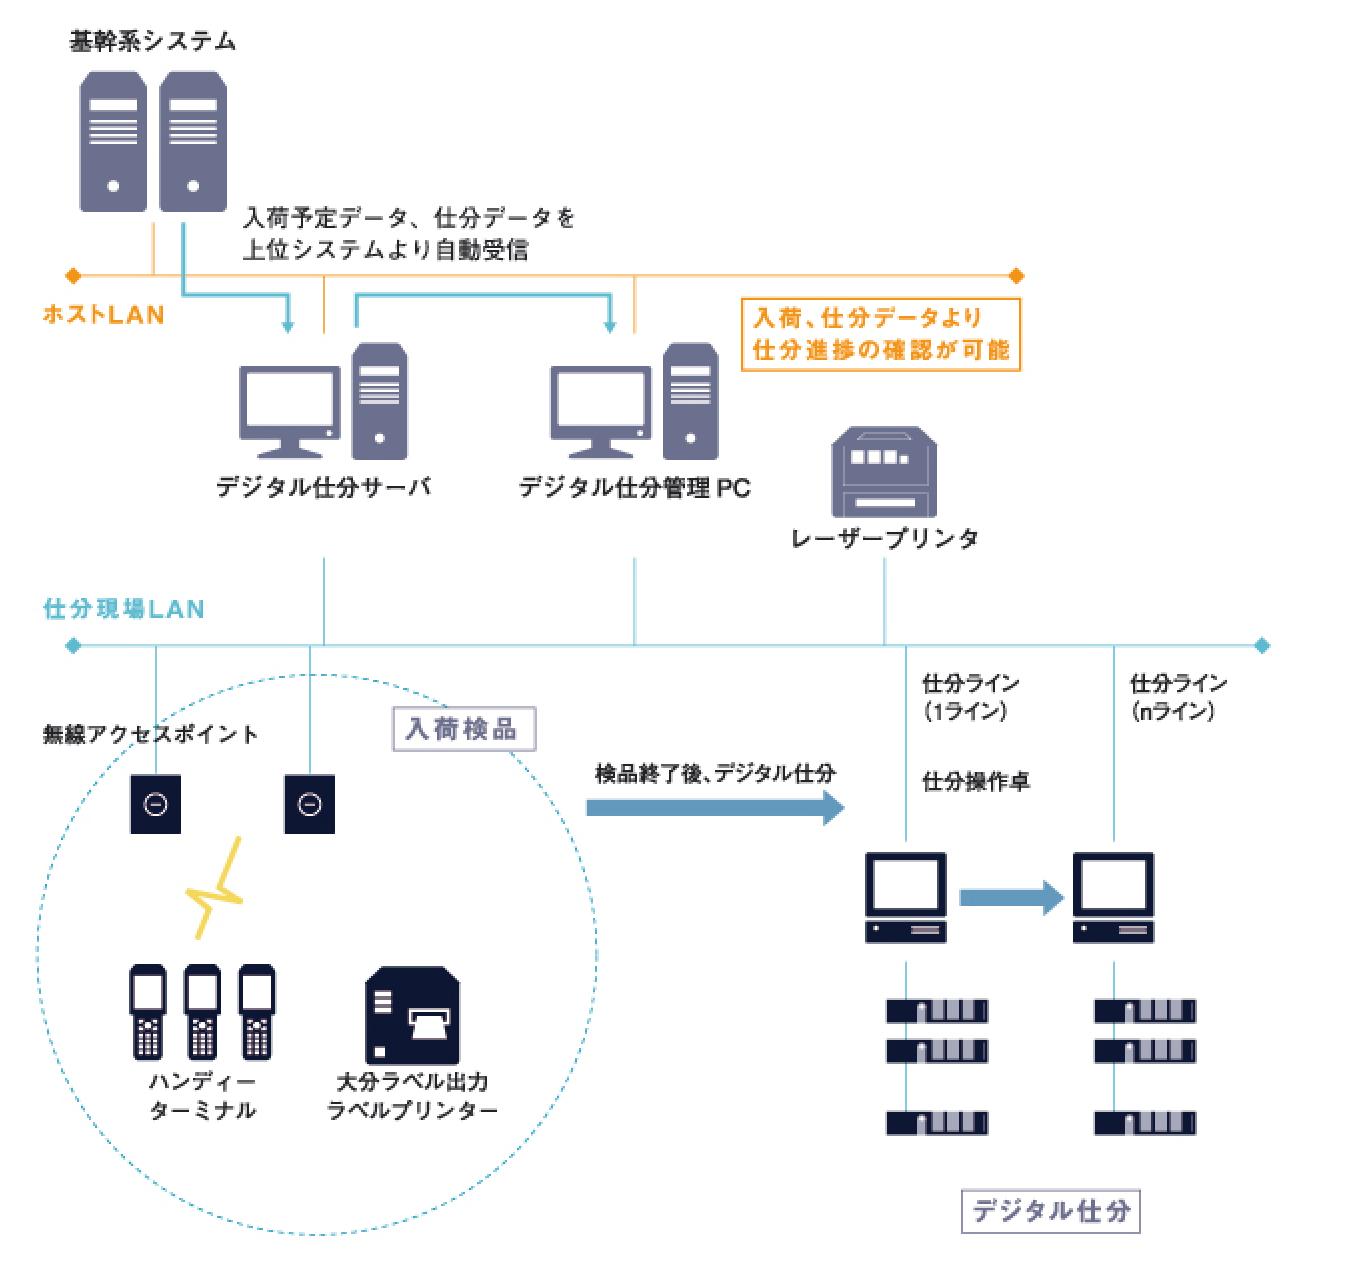 基幹系システム - 入荷予定データ、仕分データを上位システムより自動受信 - デジタル仕分サーバ - デジタル仕分管理PC - 入荷、仕分データより仕分進捗の確認が可能 - レーザープリンター  仕分け現場LAN 無線アクセスポイント ハンディーターミナル 大分ラベル出力ラベルプリンター - 検品終了後、デジタル仕分 - 仕分ライン デジタル仕分